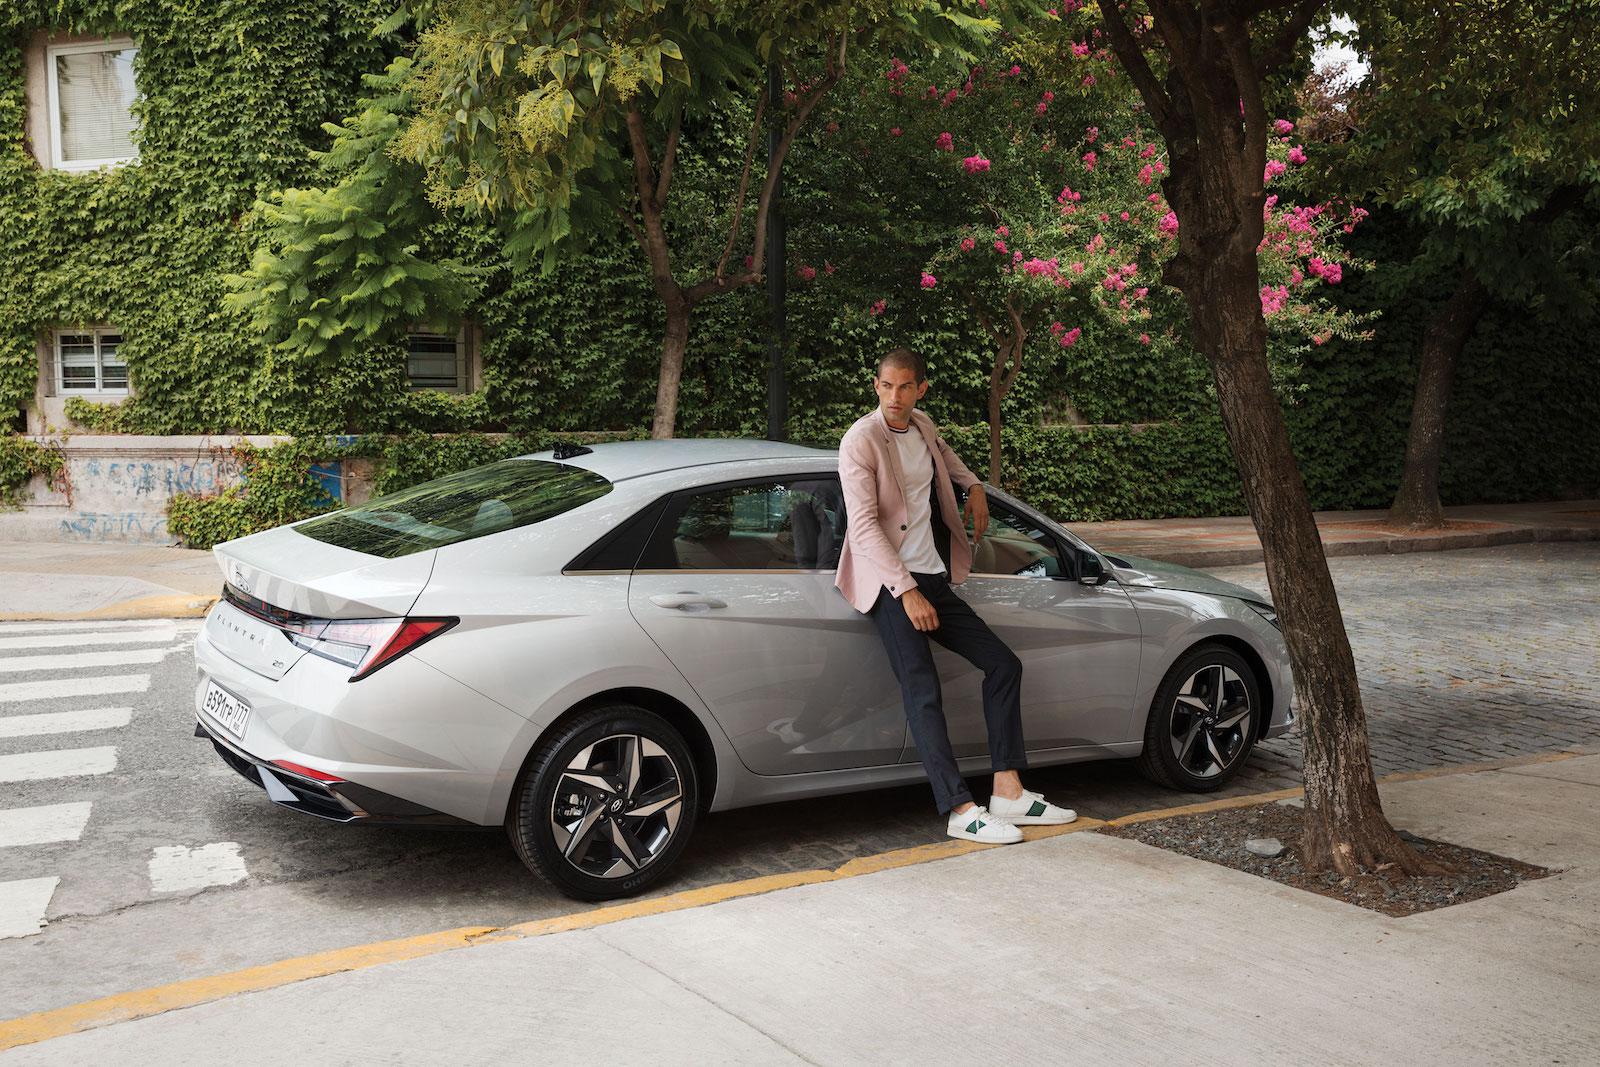 Седан Hyundai Elantra стал доступен по подписке Hyundai Mobility                Оформить подписку на Hyundai Elantra можно онлайн в мобильном приложен...